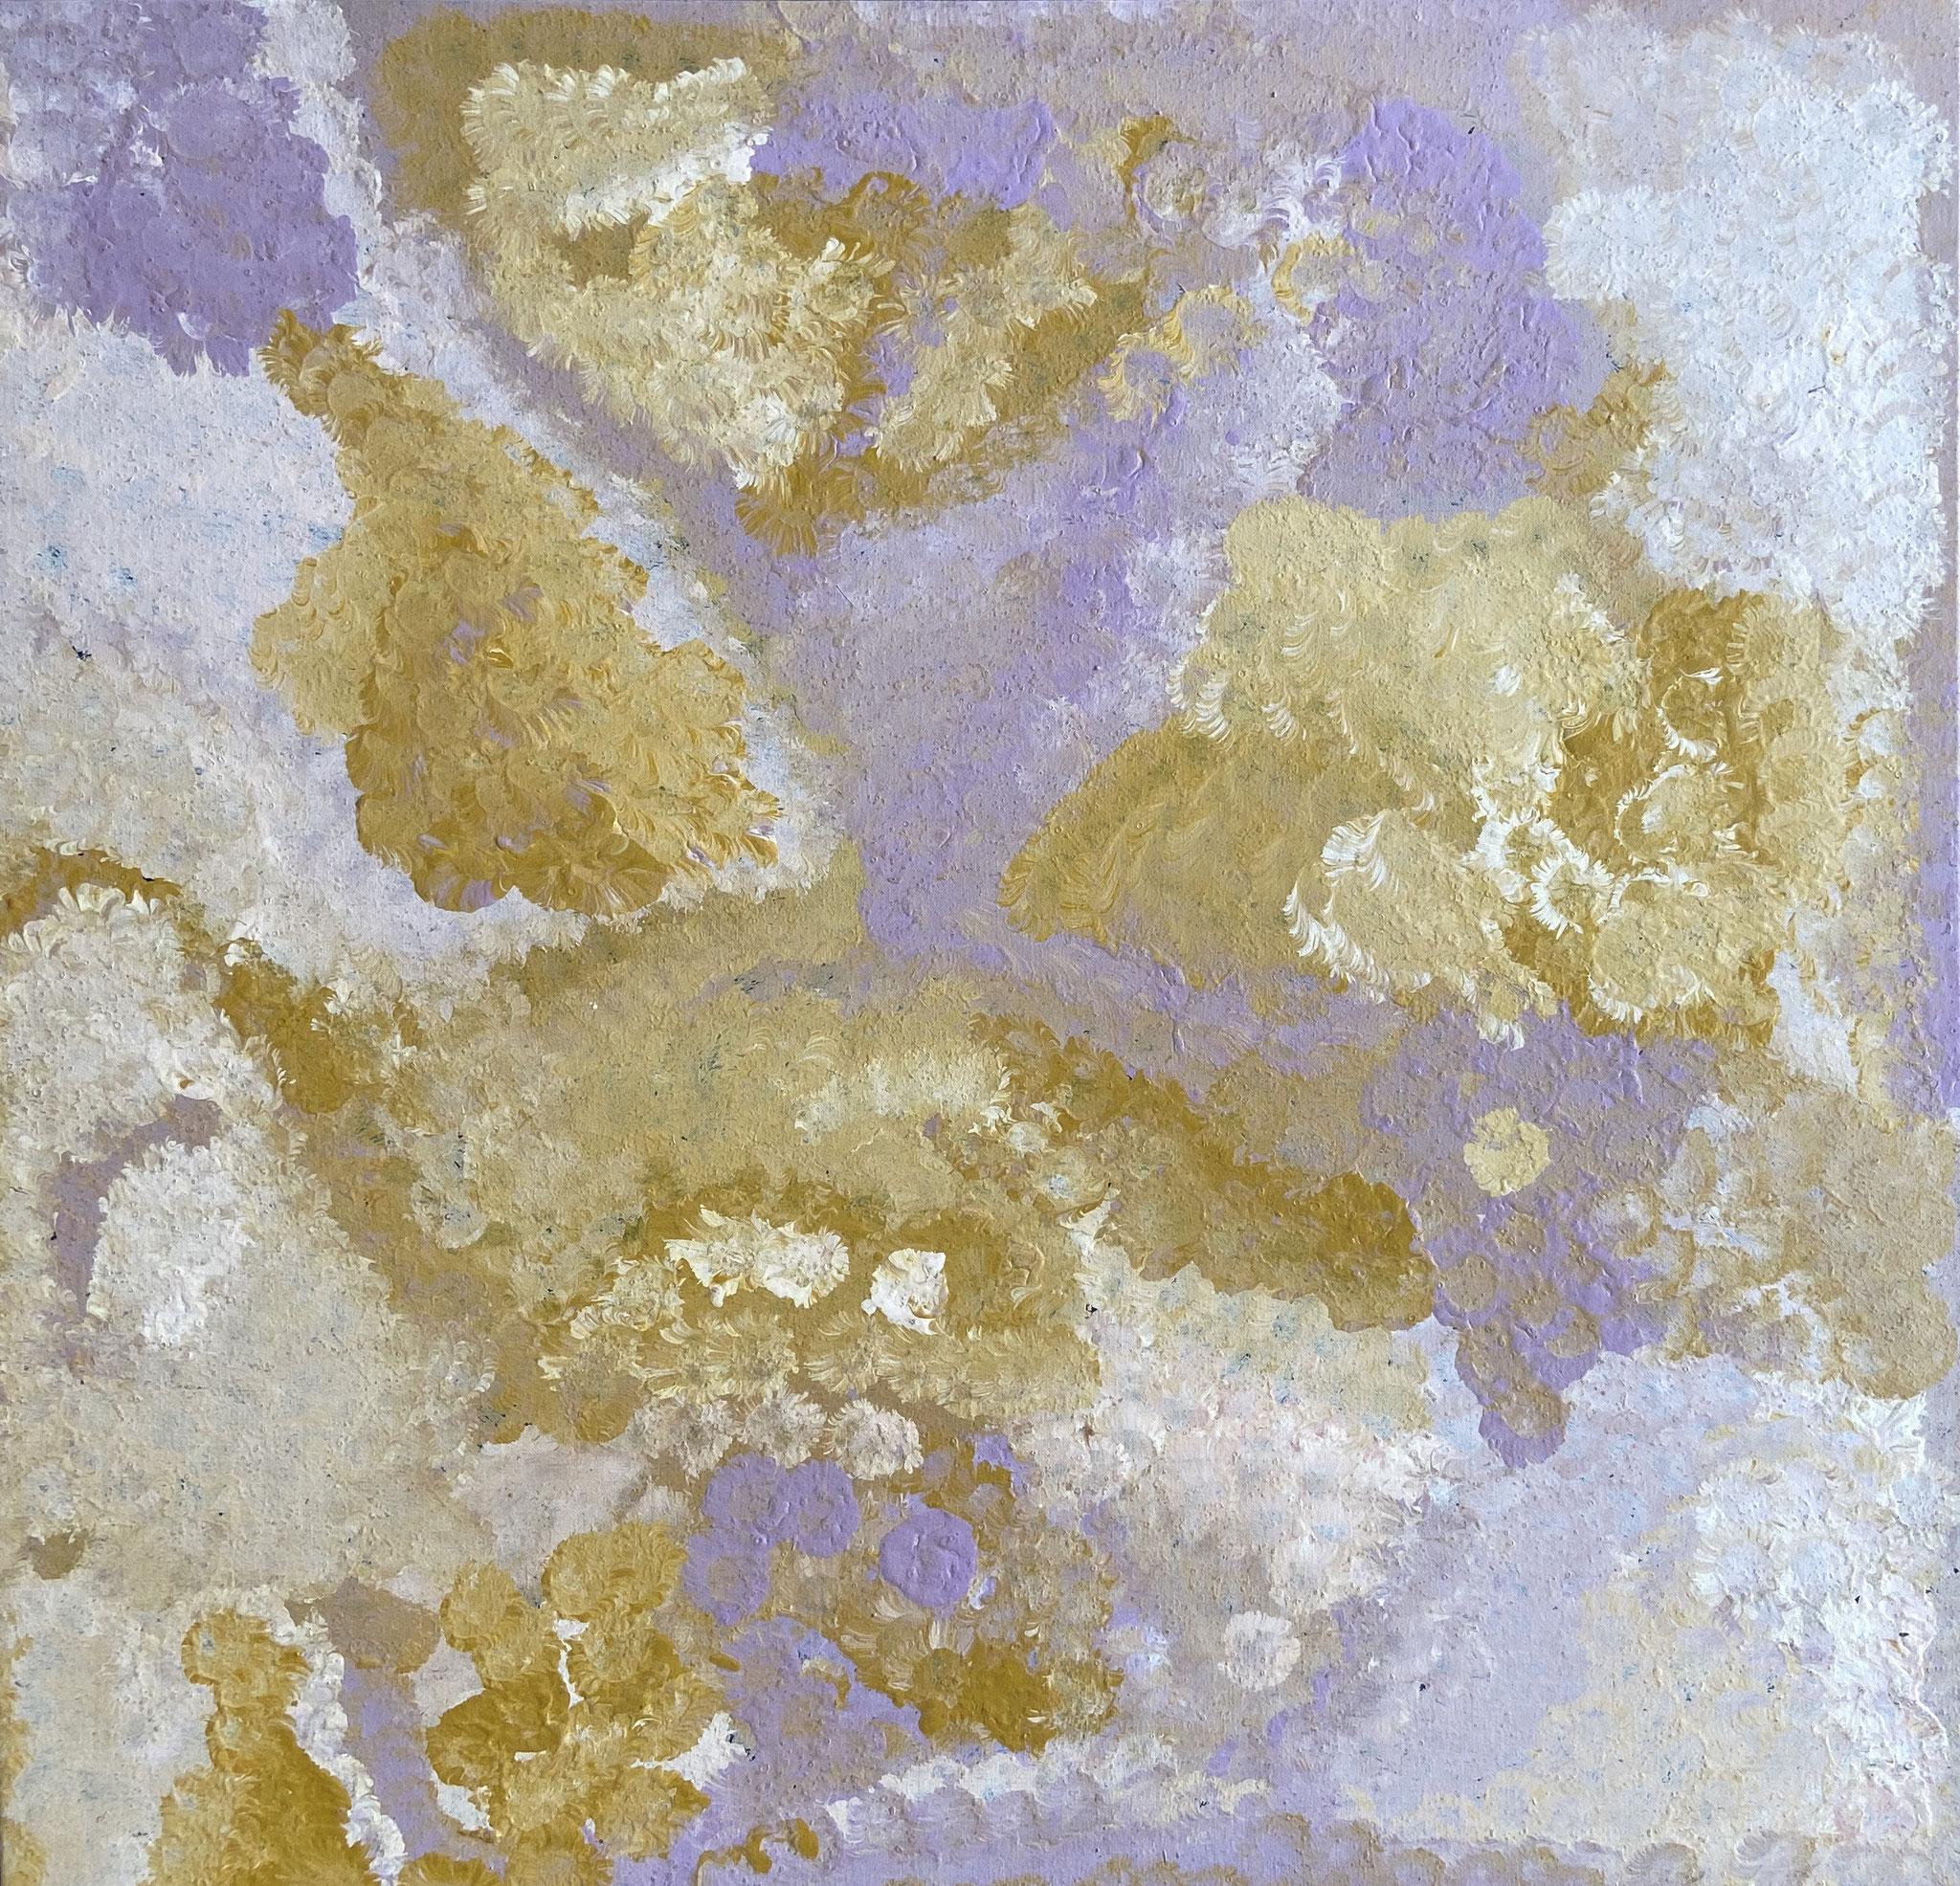 55 エミリー・カーメ・ウングワレー 「マイ・カントリー」 880x900mm